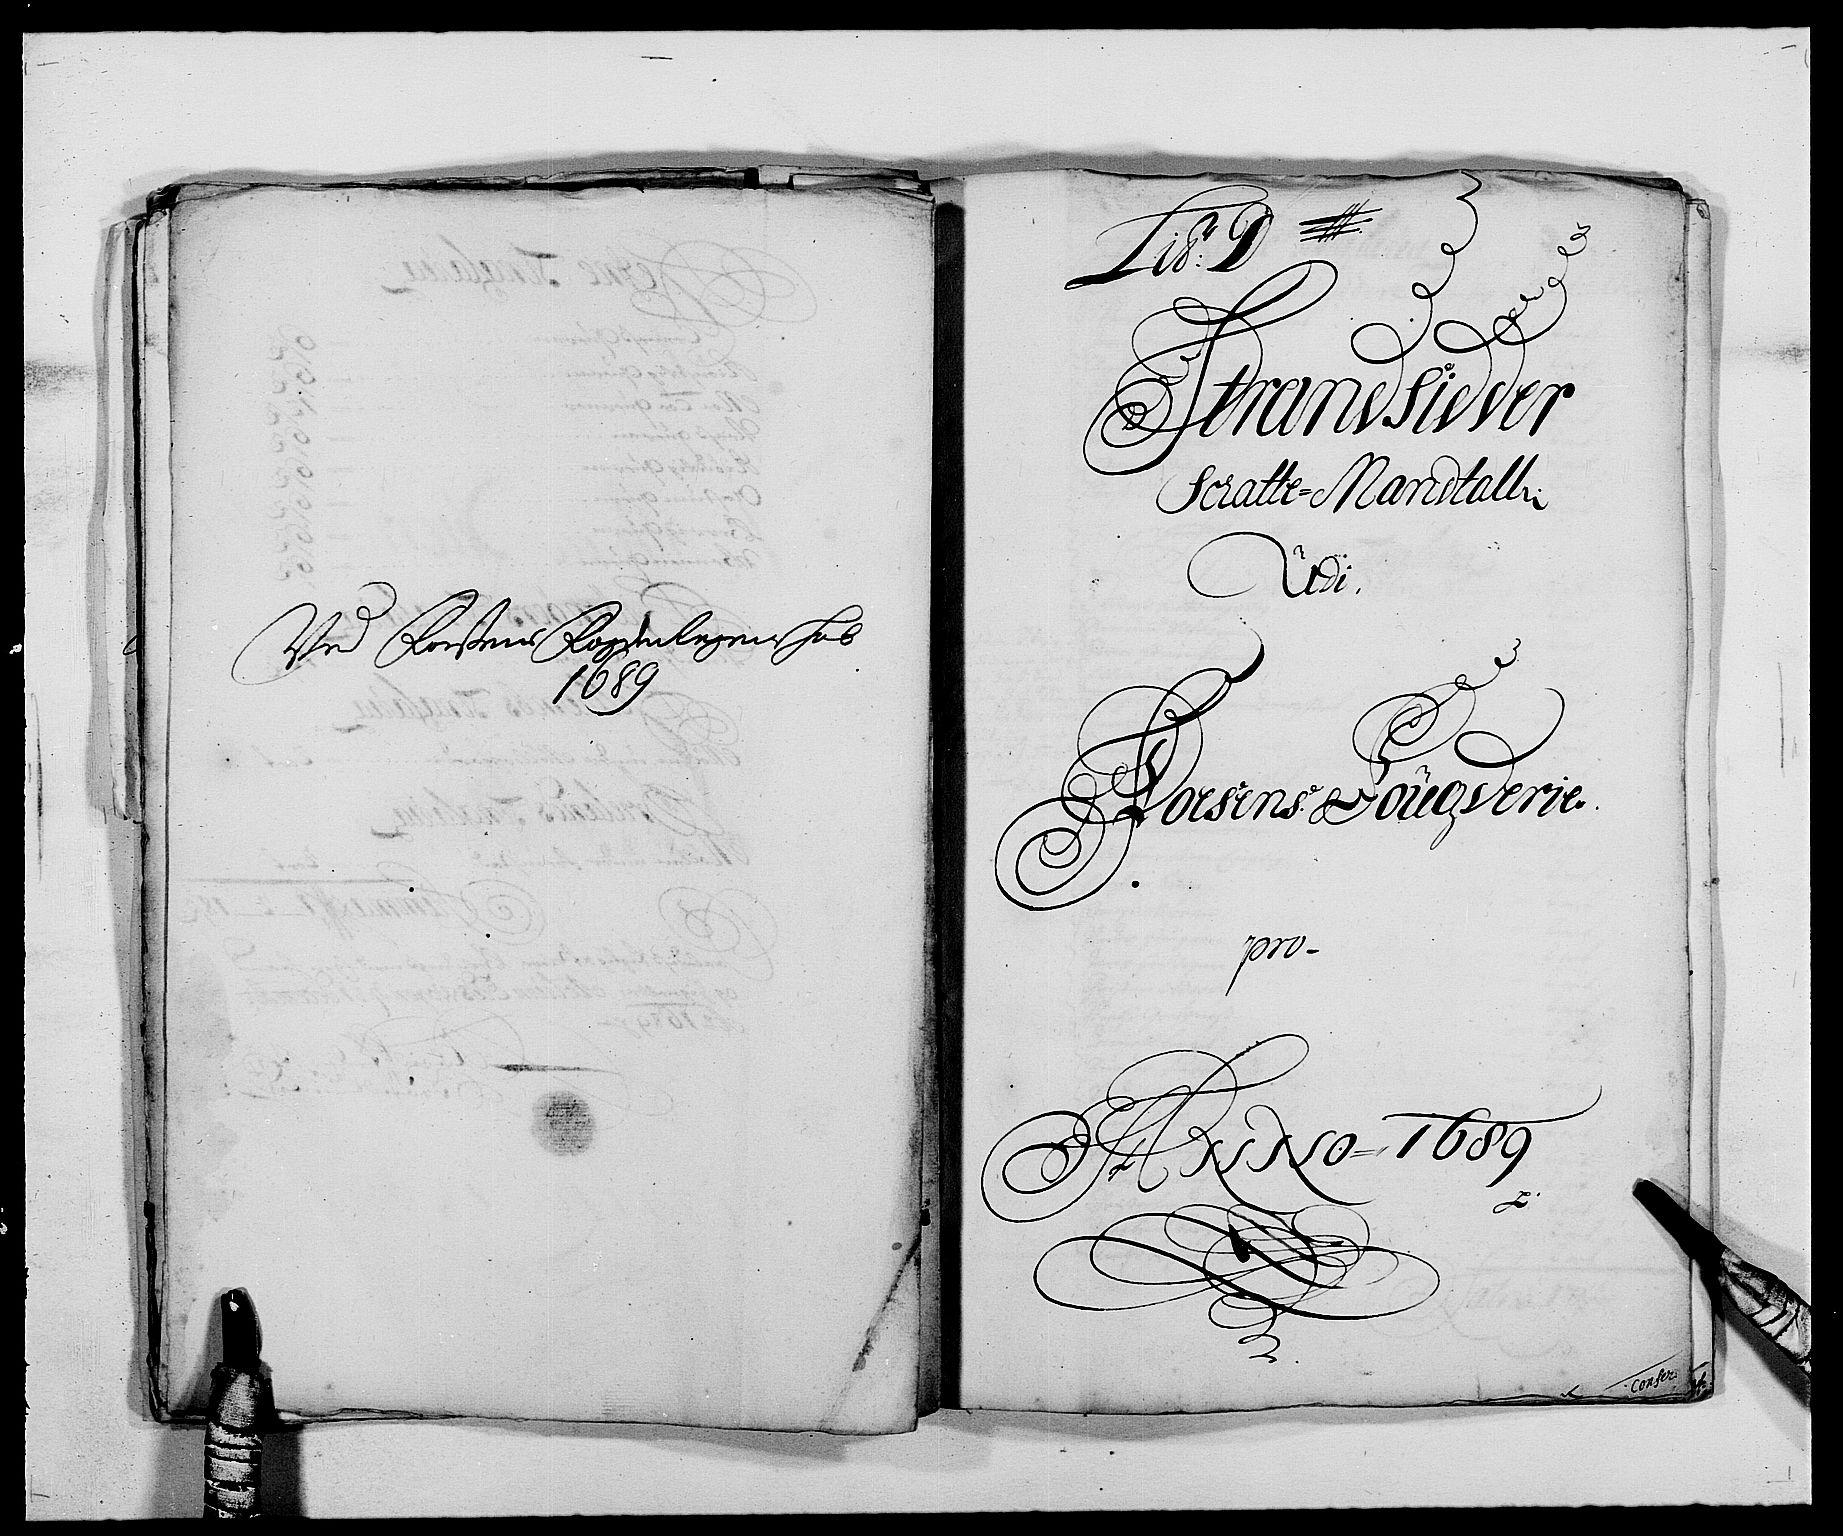 RA, Rentekammeret inntil 1814, Reviderte regnskaper, Fogderegnskap, R57/L3847: Fogderegnskap Fosen, 1689, s. 28